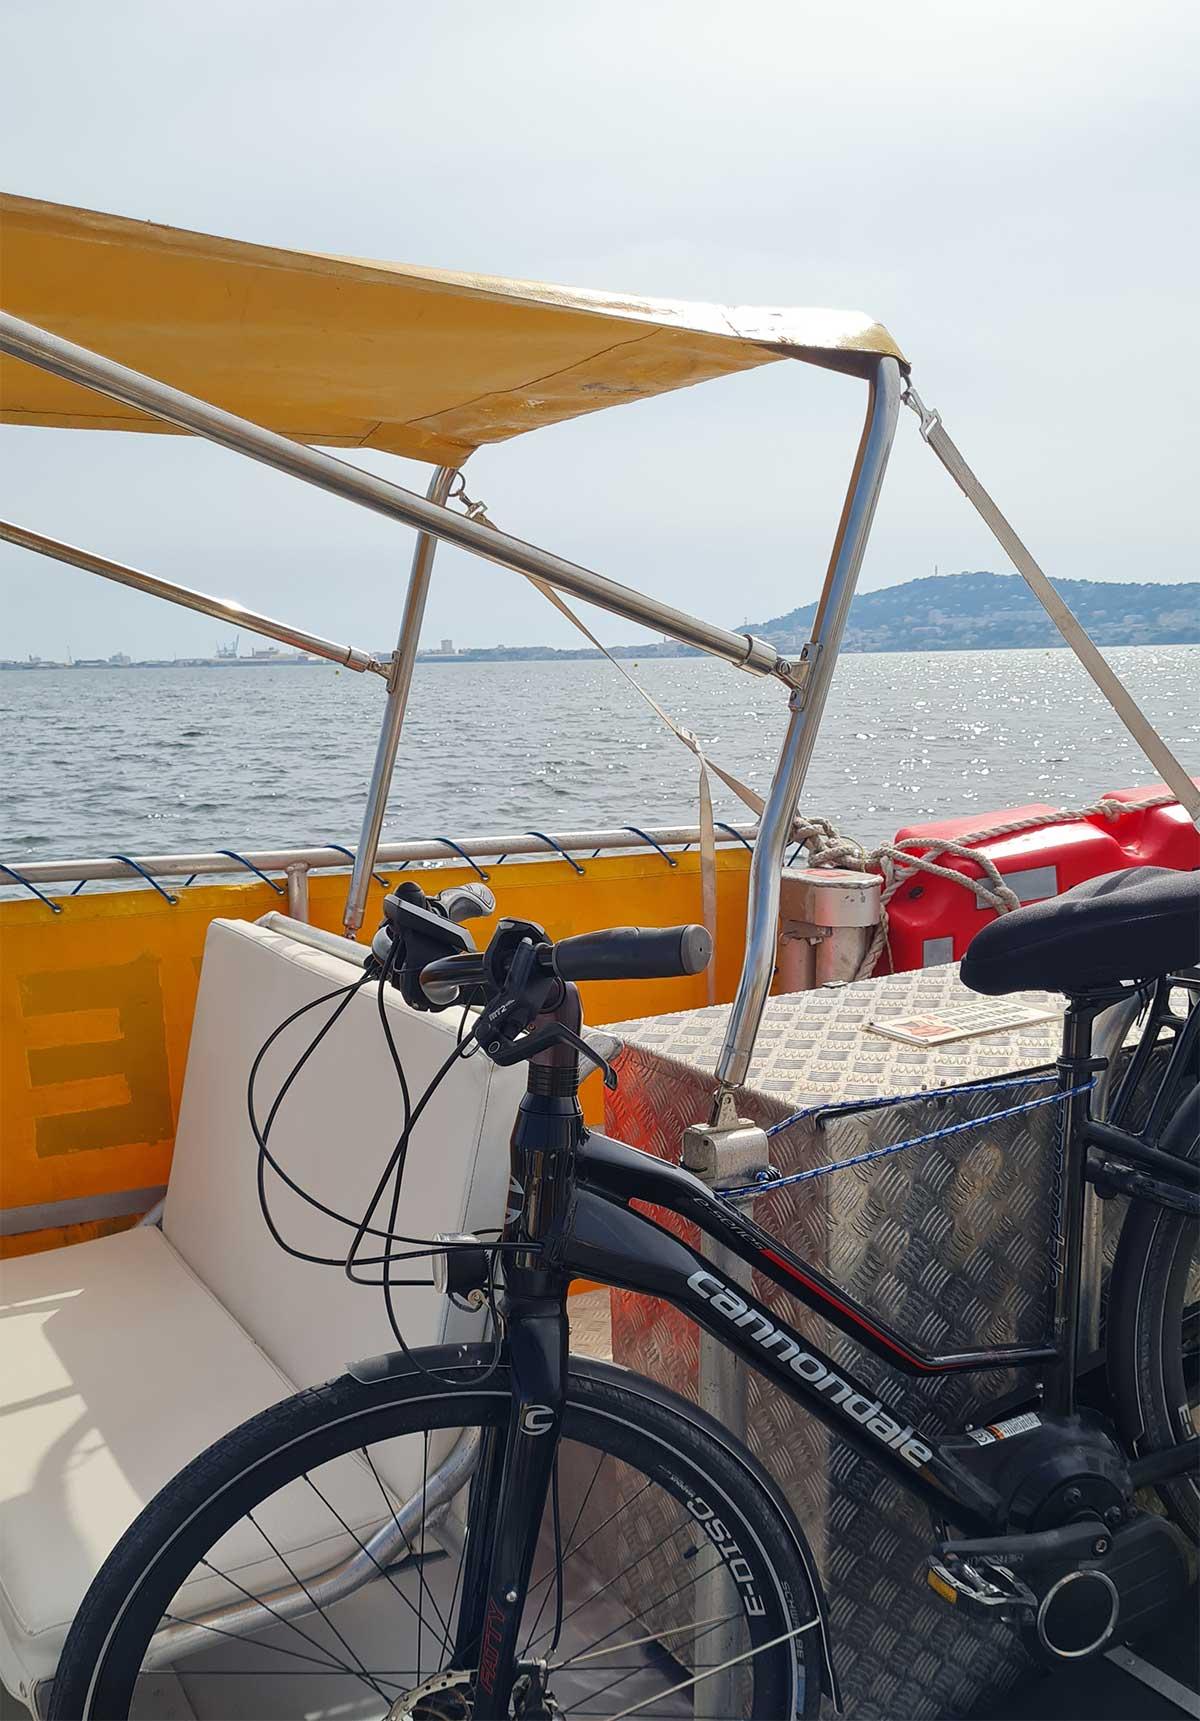 Vélo-et-bateau-sur-l'étang-de-Thau